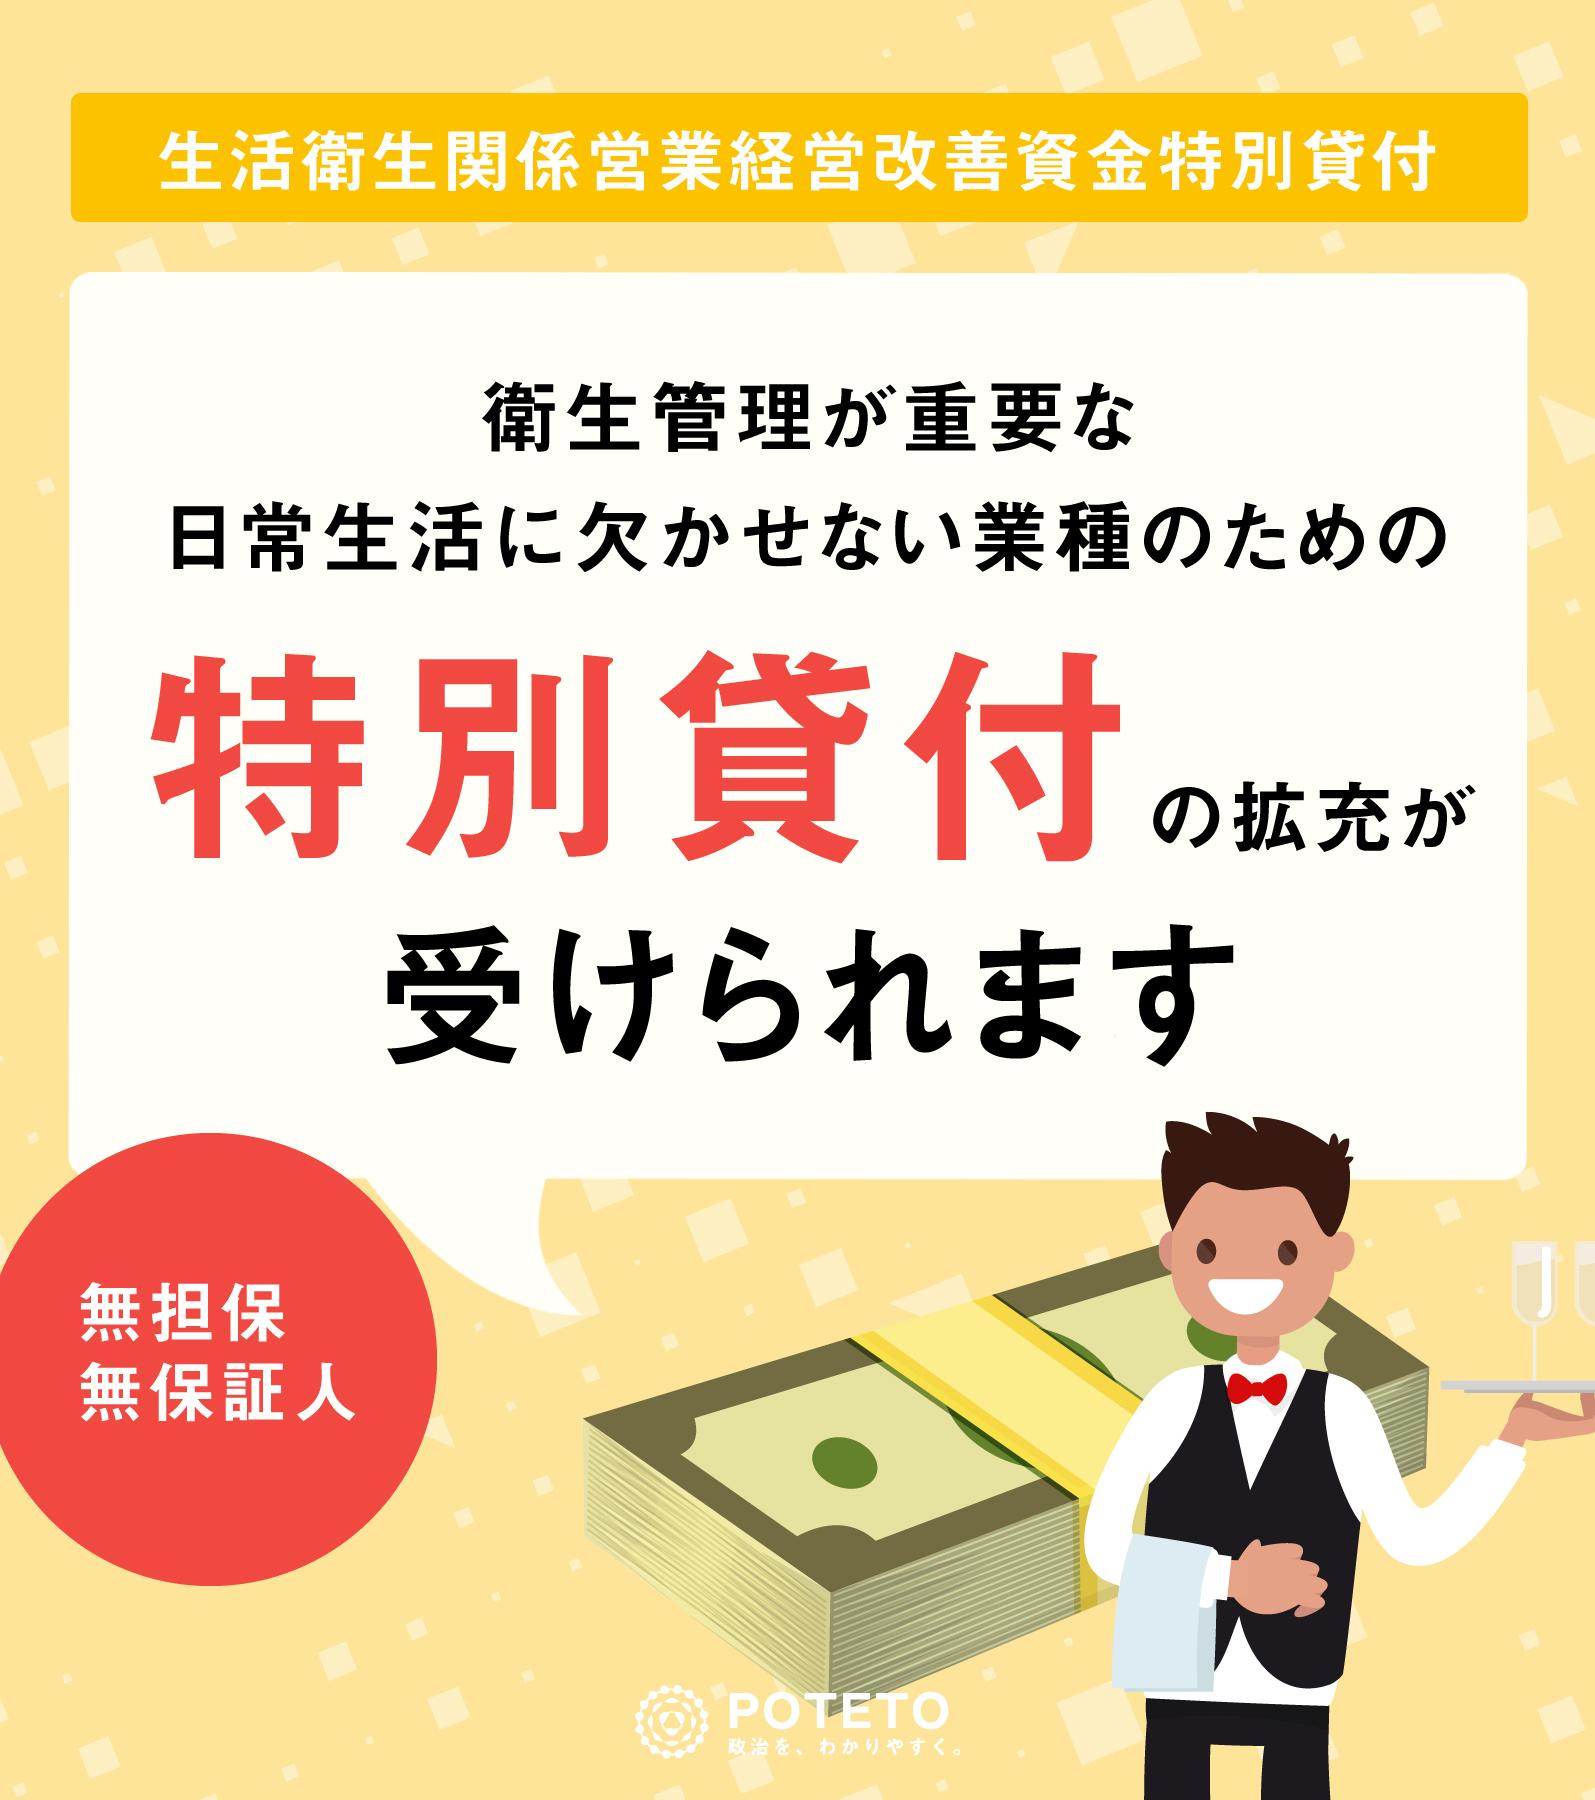 168edebc6825bca11a7618f7e51cf2f5 - 【飲食店・喫茶店・旅館業等向け】少しでも業績悪化した場合、無担保・無保証人で融資を受けることができます。